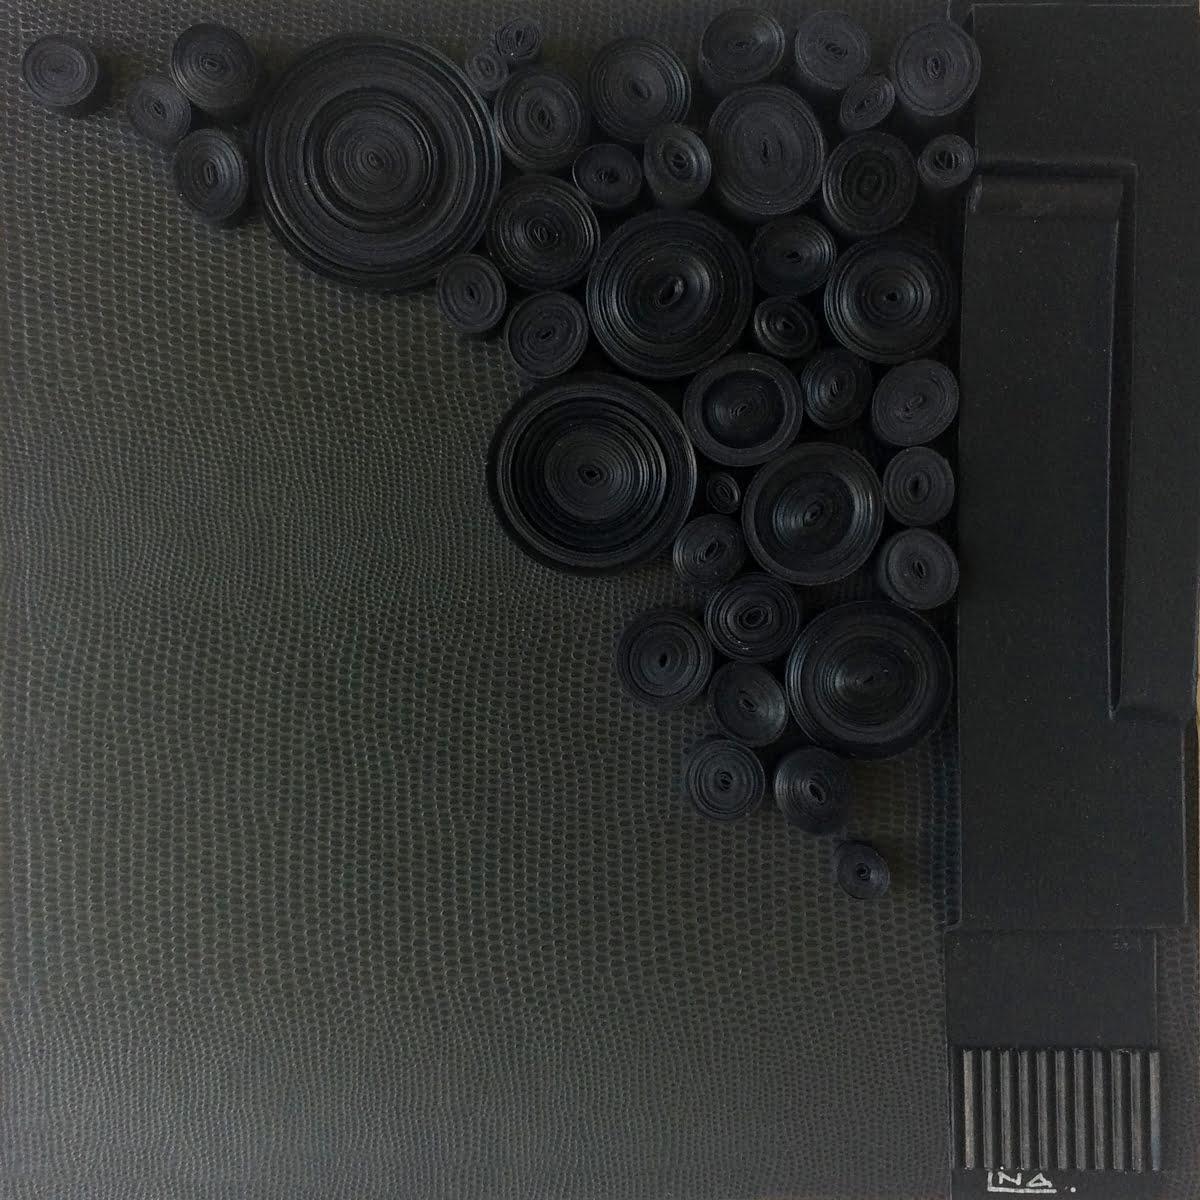 Nanou Autin, Volumes, Petit noir est une couleur, Papier roulé, acrylique 25x25cm – 2019